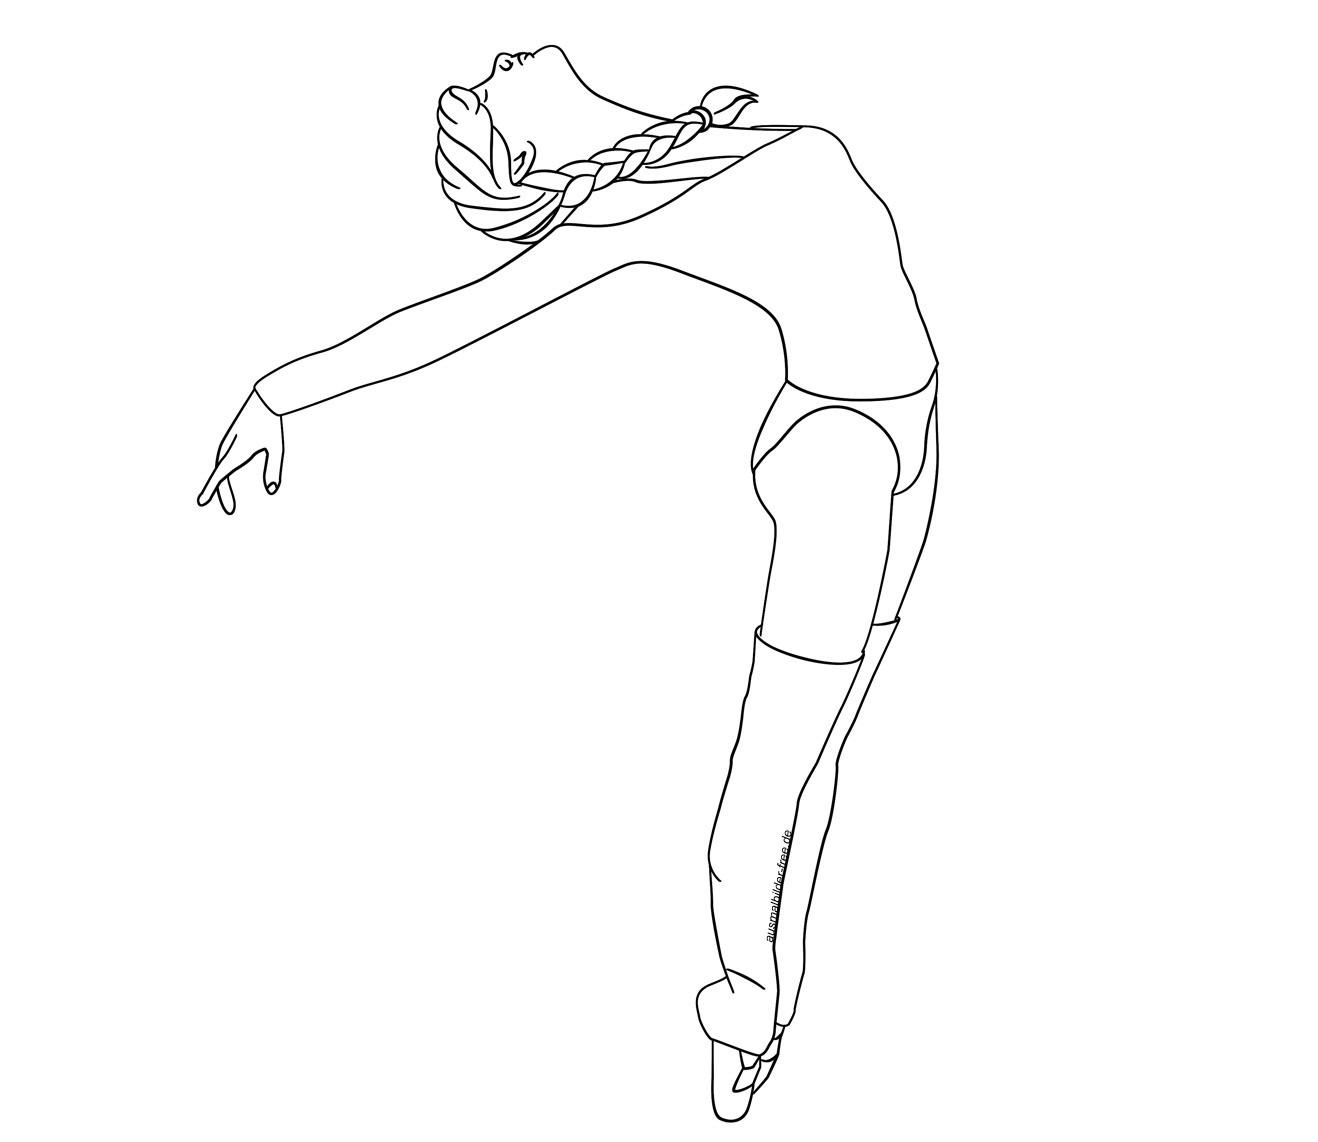 Meine Freundin Conni Ausmalbilder Neu Emma Tanzt Ballet Kiddimalseite Best Ballett Ausmalbilder Fotos